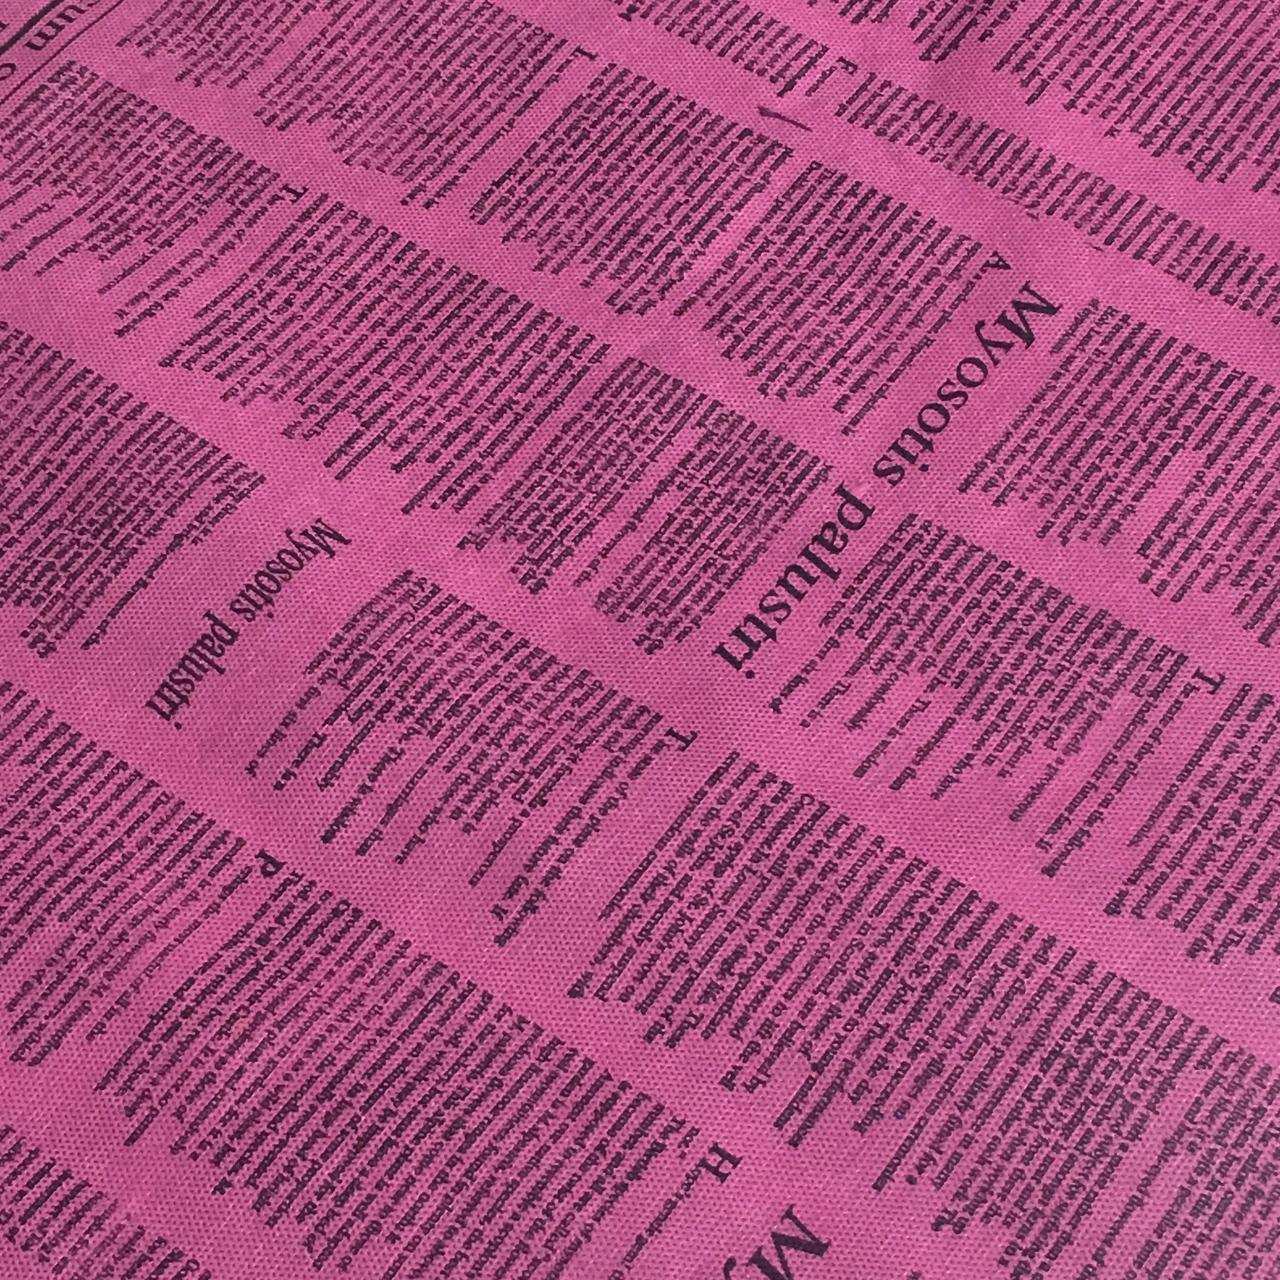 پک کامل کاغذ کادو پارچه ای همراه با نخ کنف و پاپیون نفیس گالری مجموعه 3 عددی